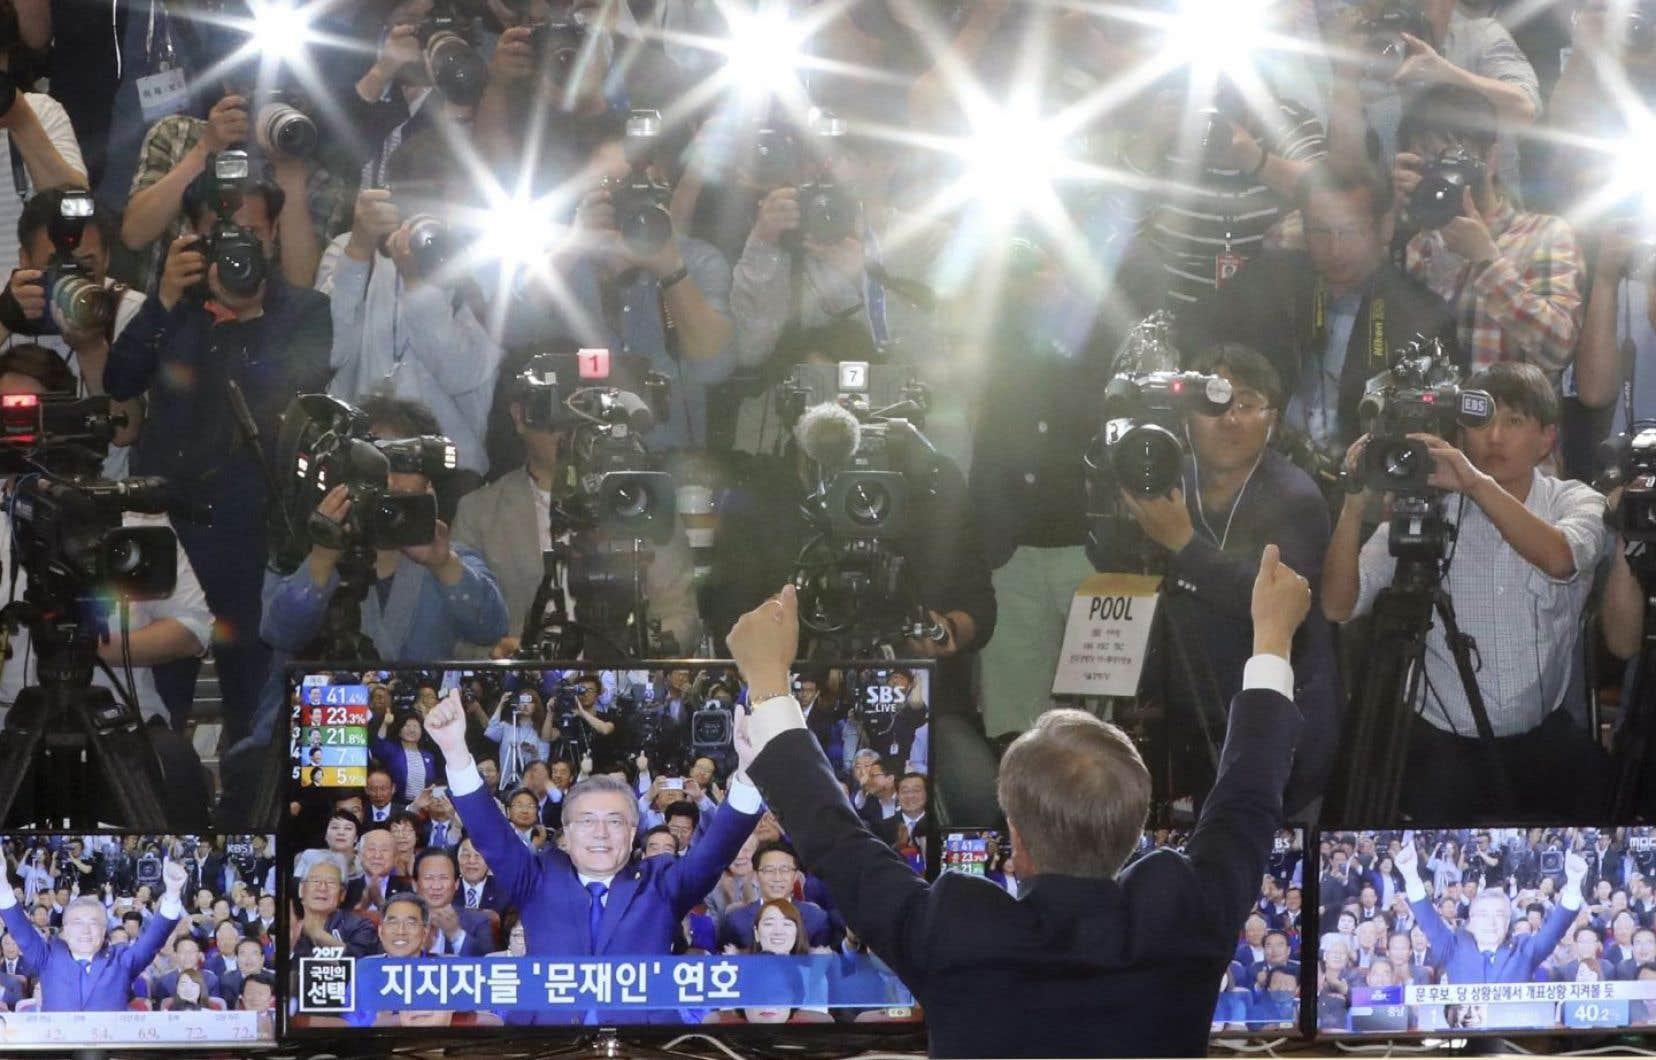 Les libéraux ont fait un retour à la présidence de la Corée du Sud avec l'élection de Moon Jae-in.